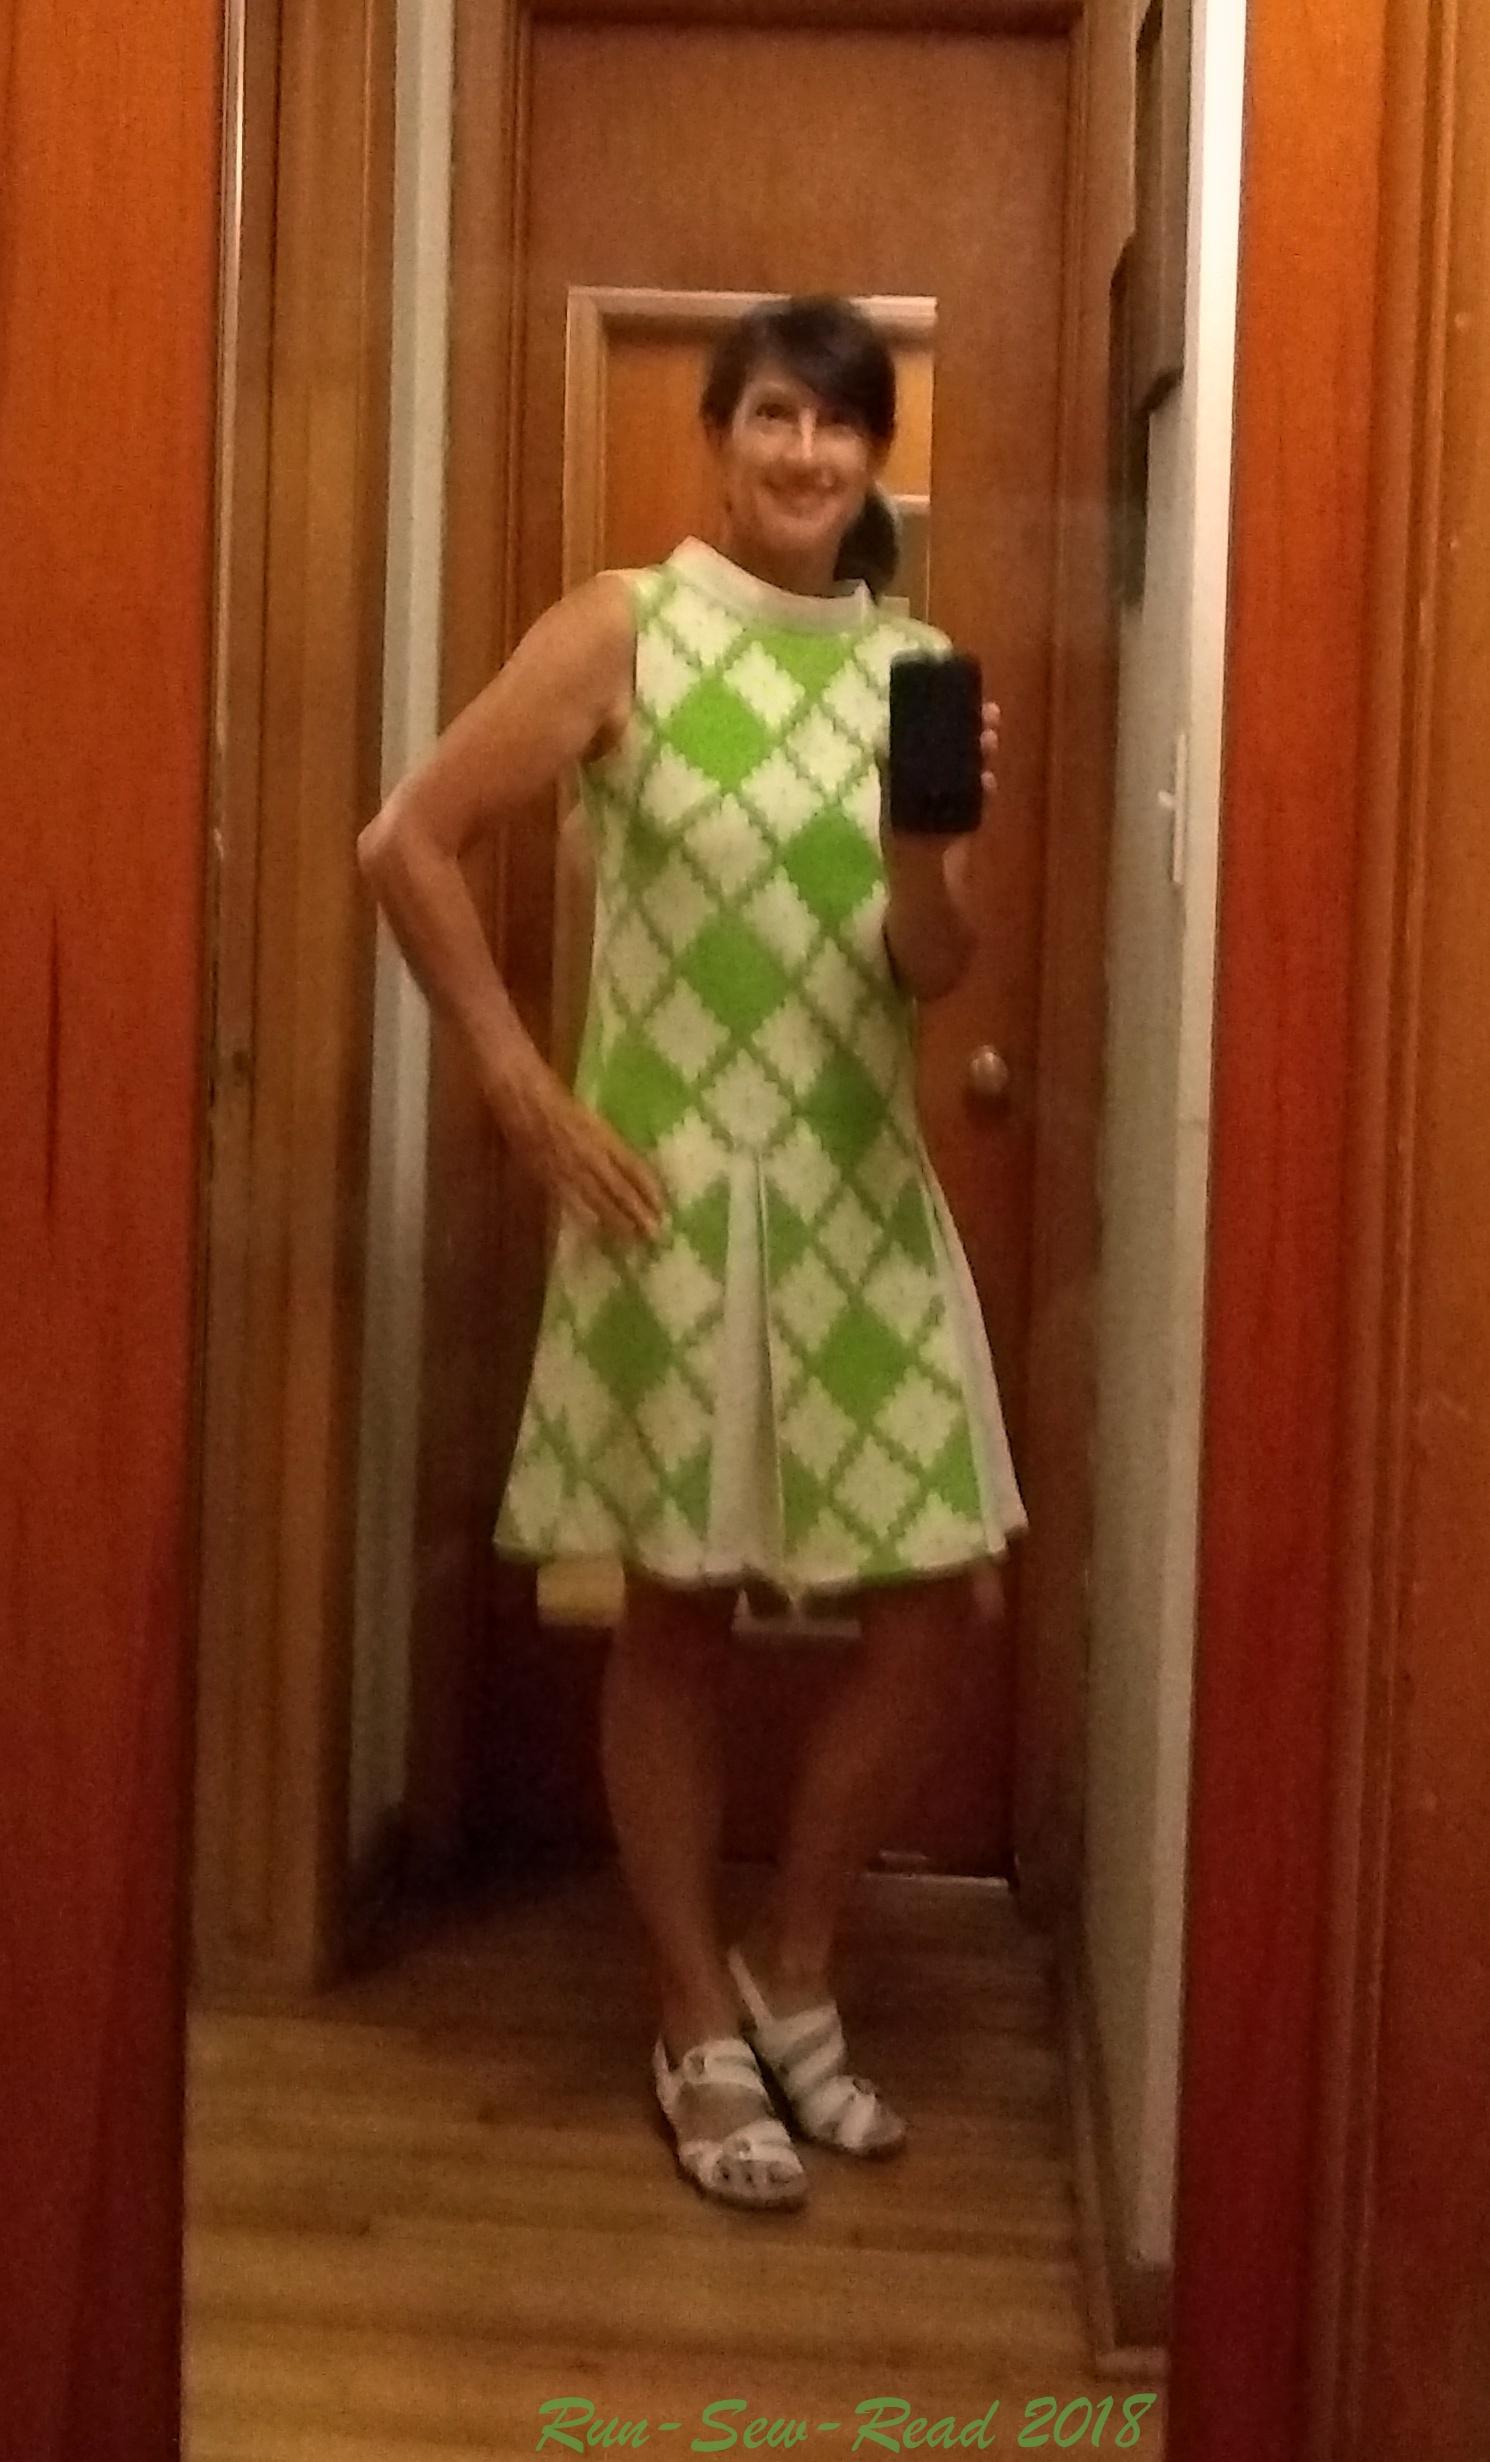 Mirror selfie BHM RSR